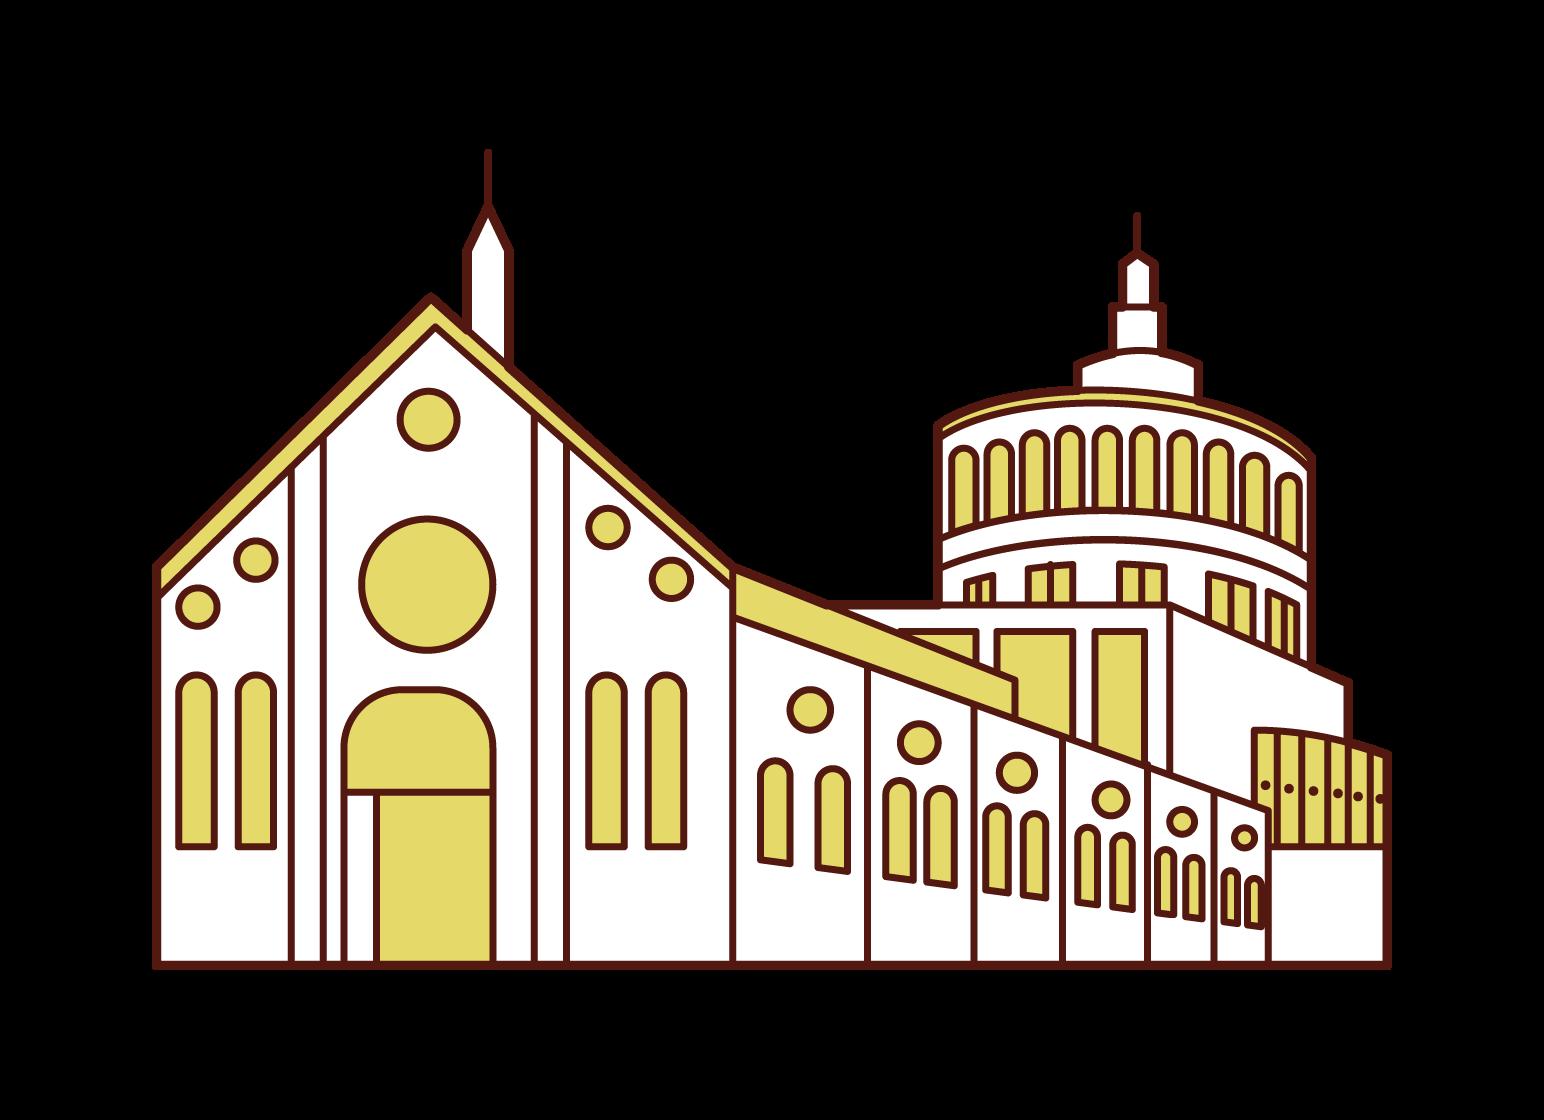 Illustration of the Church of Santa Maria delle Grazie